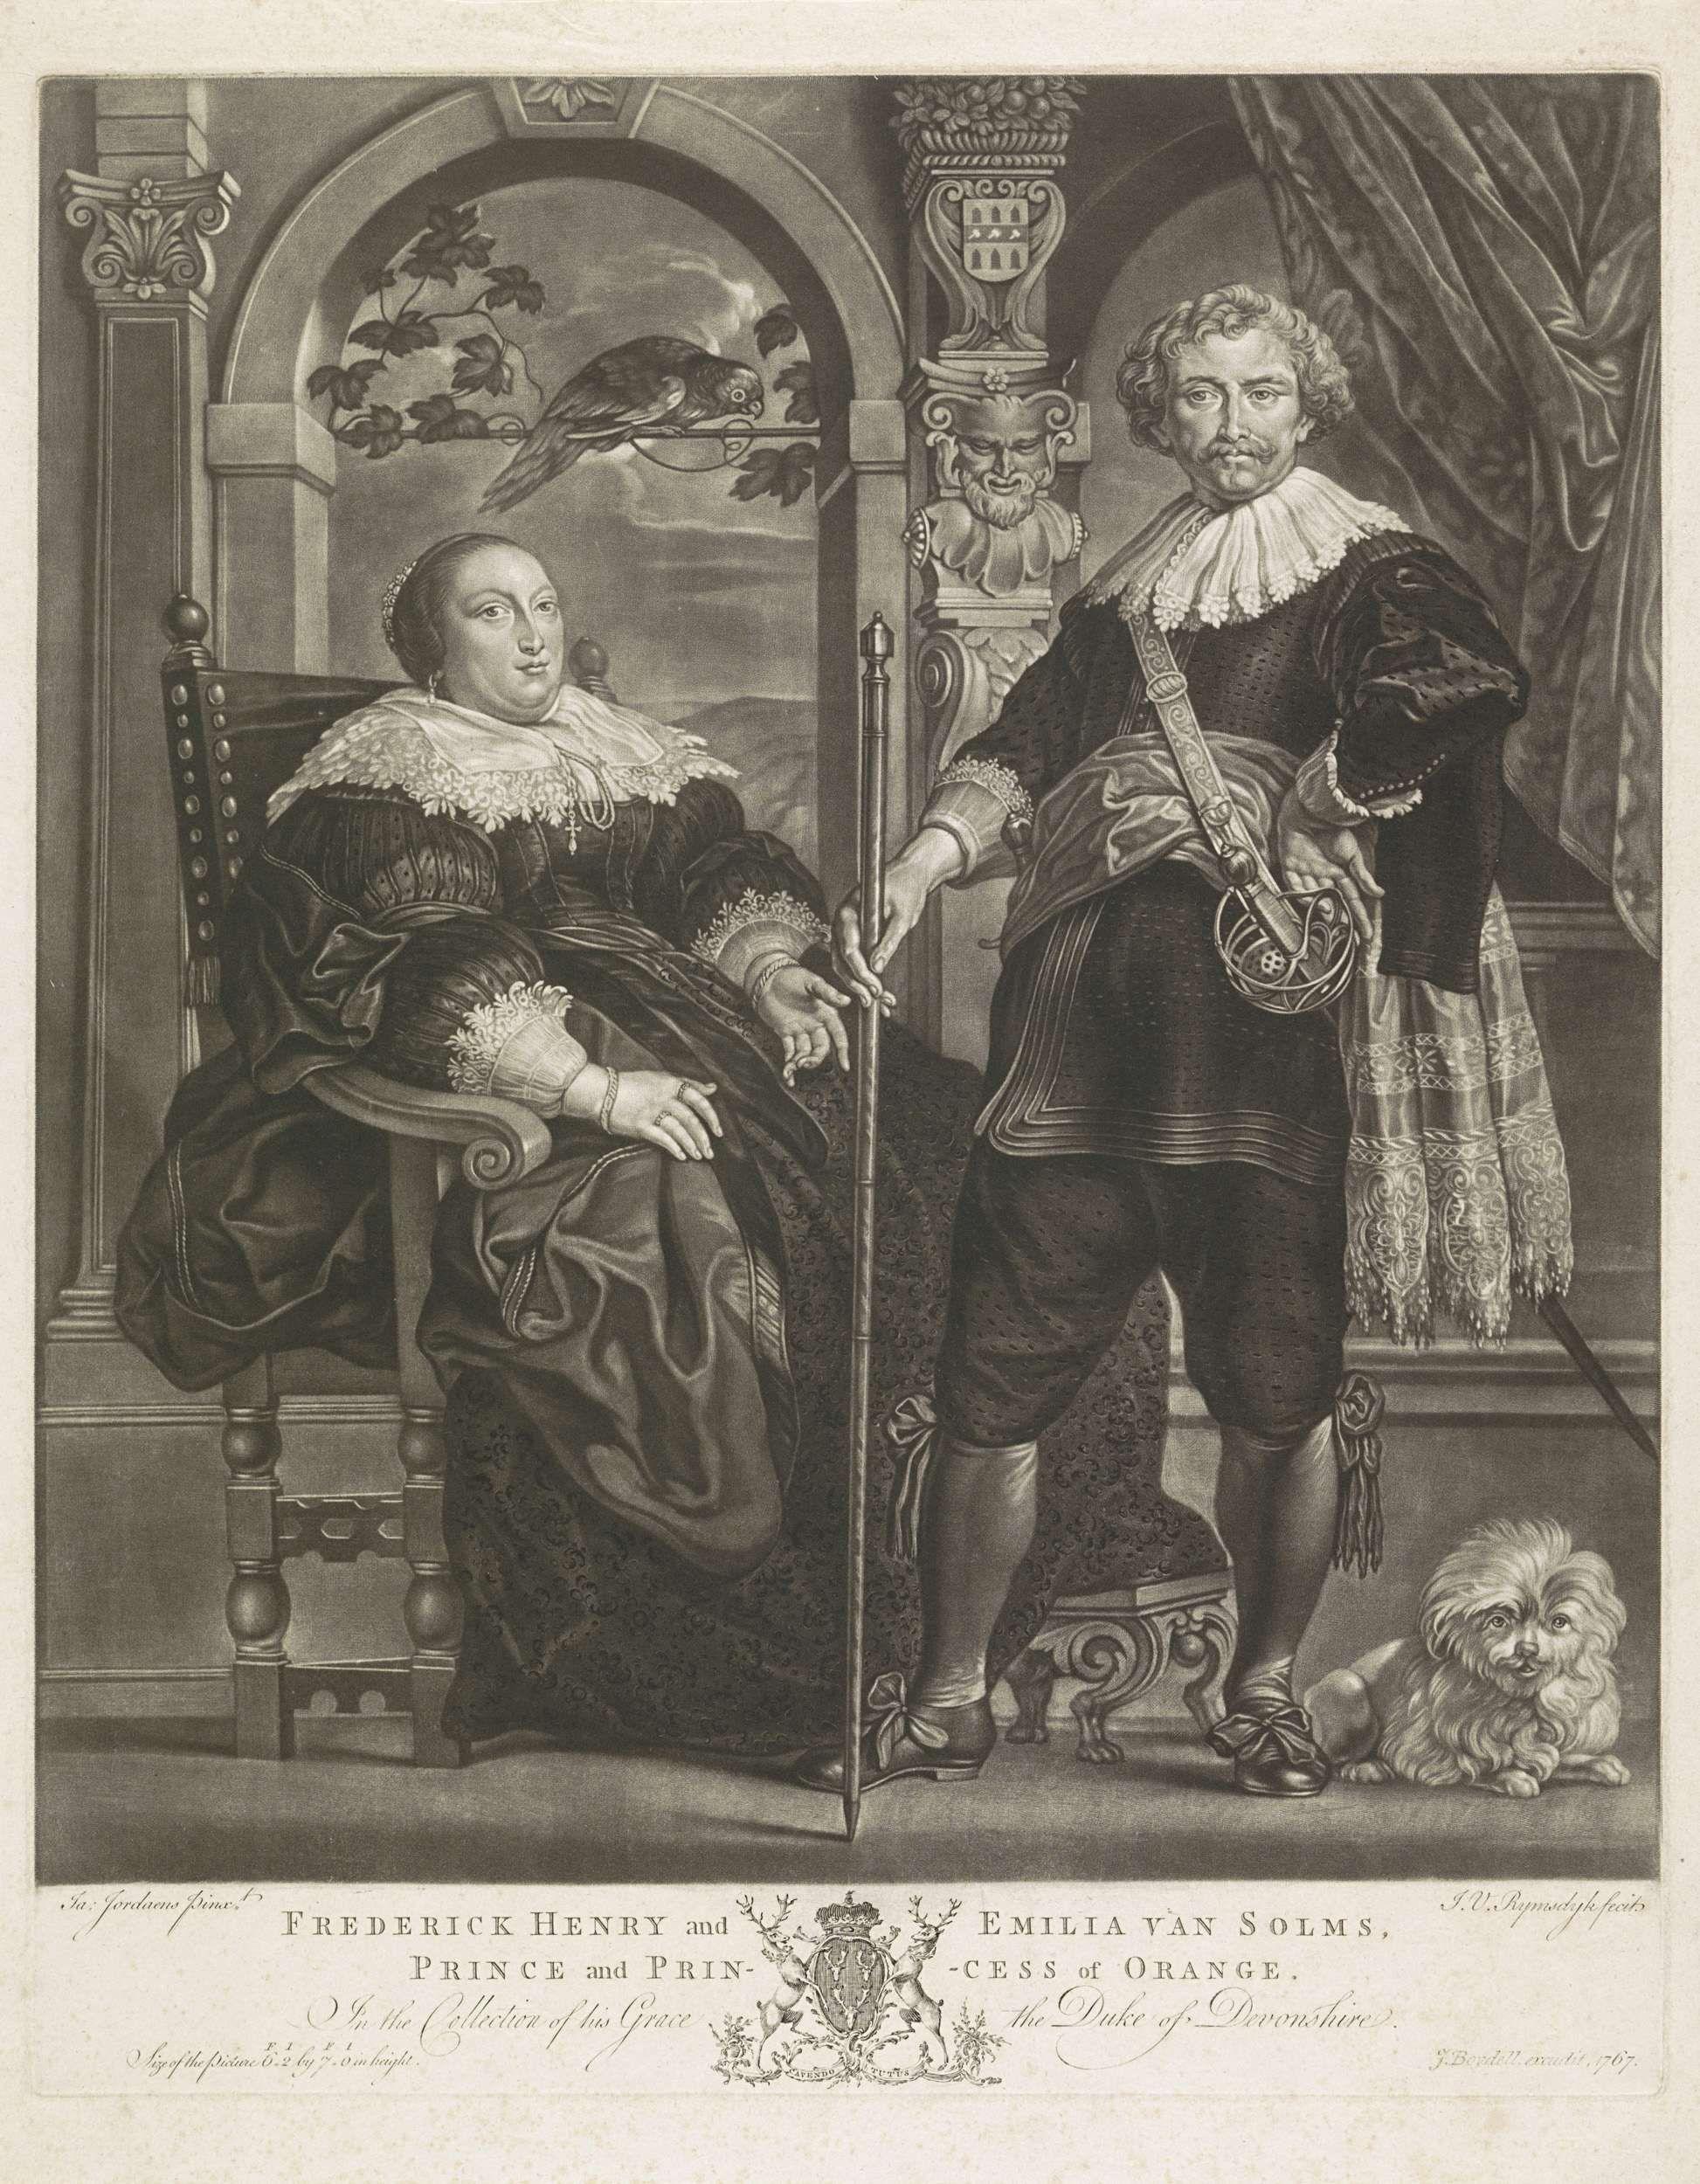 Jan van Rijmsdijck | Portret van Frederik Hendrik en Amalia van Solms, Jan van Rijmsdijck, J. Boydell, 1767 | Frederik Hendrik, prins van Oranje met zijn vrouw Amalia van Solms. Naast de prins zit een hondje en op de achtergrond zit een papegaai.